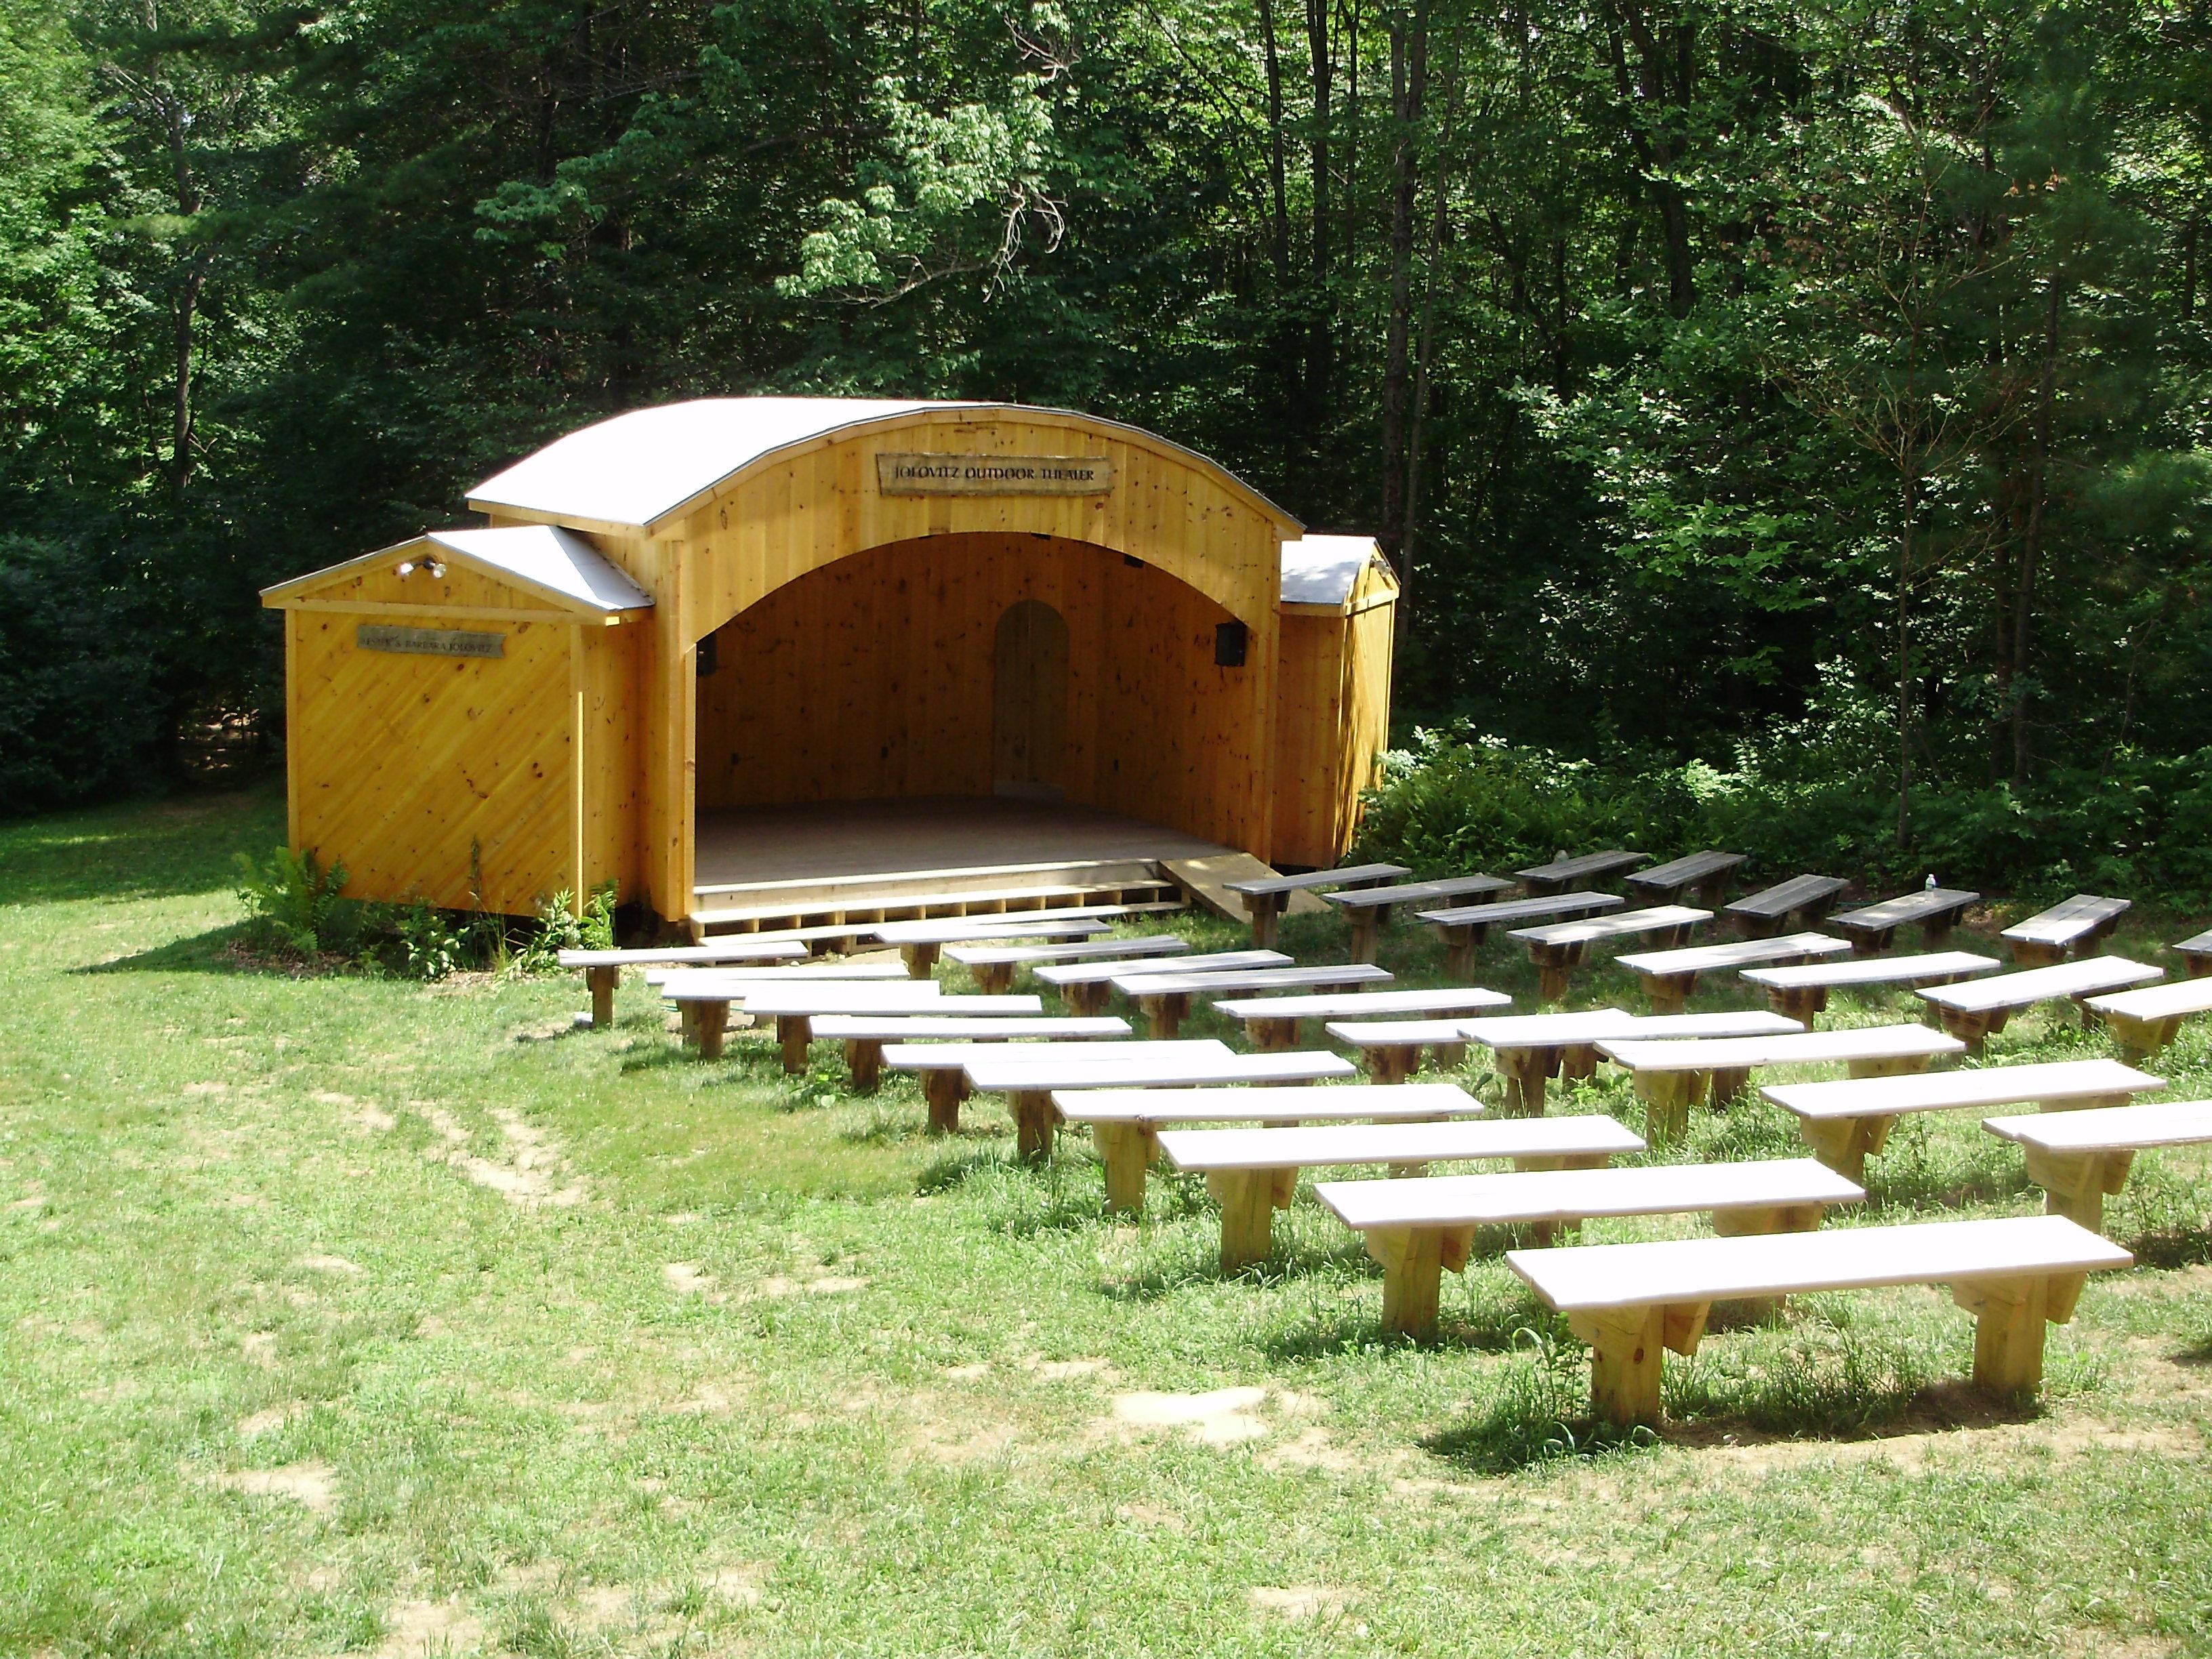 Jolovitz Amphitheater